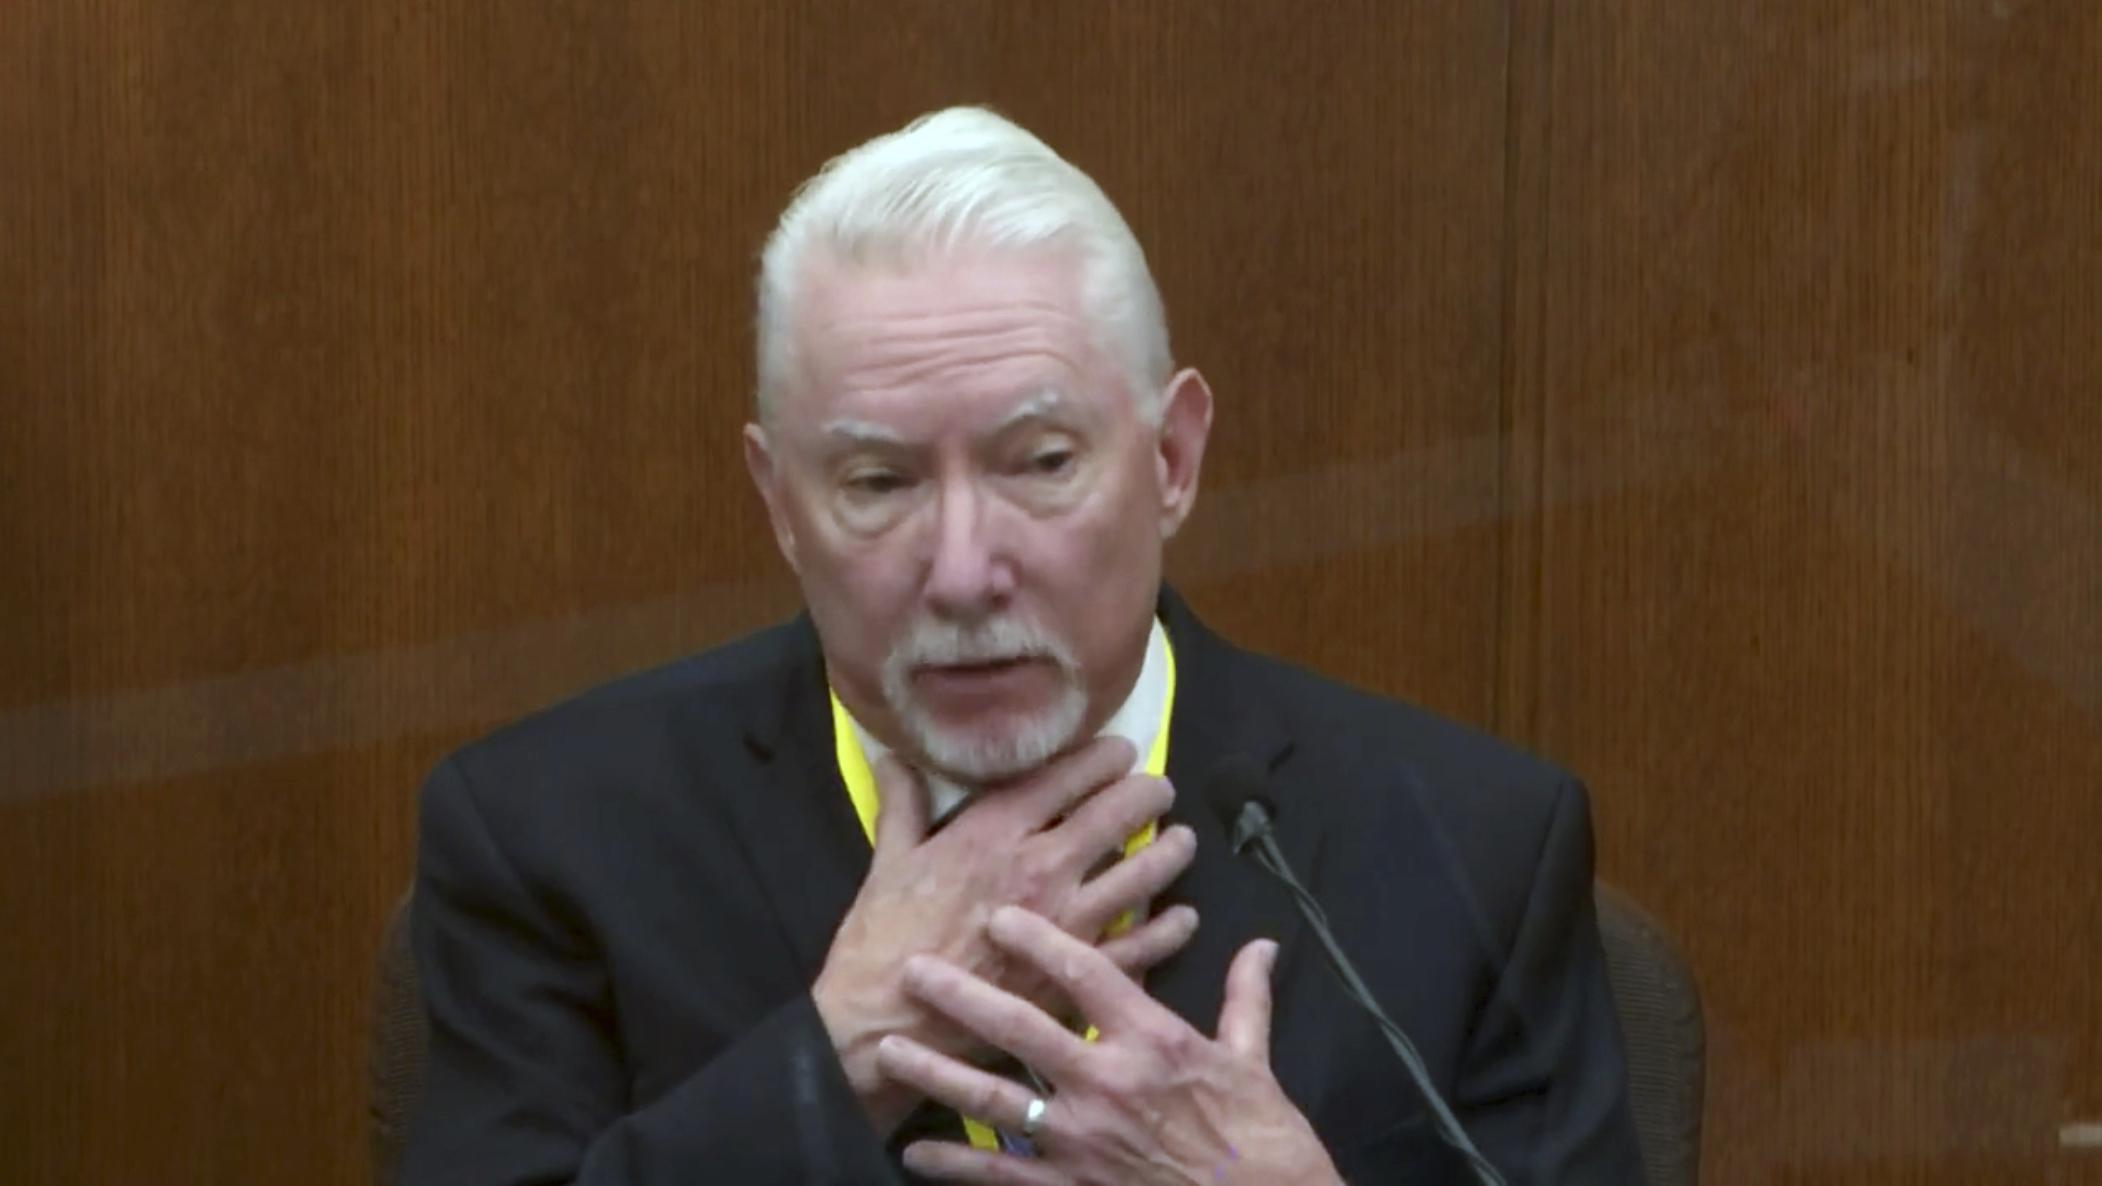 Derek Chauvin tuvo justificación para inmovilizar a George Floyd, un experto testifica en el juicio